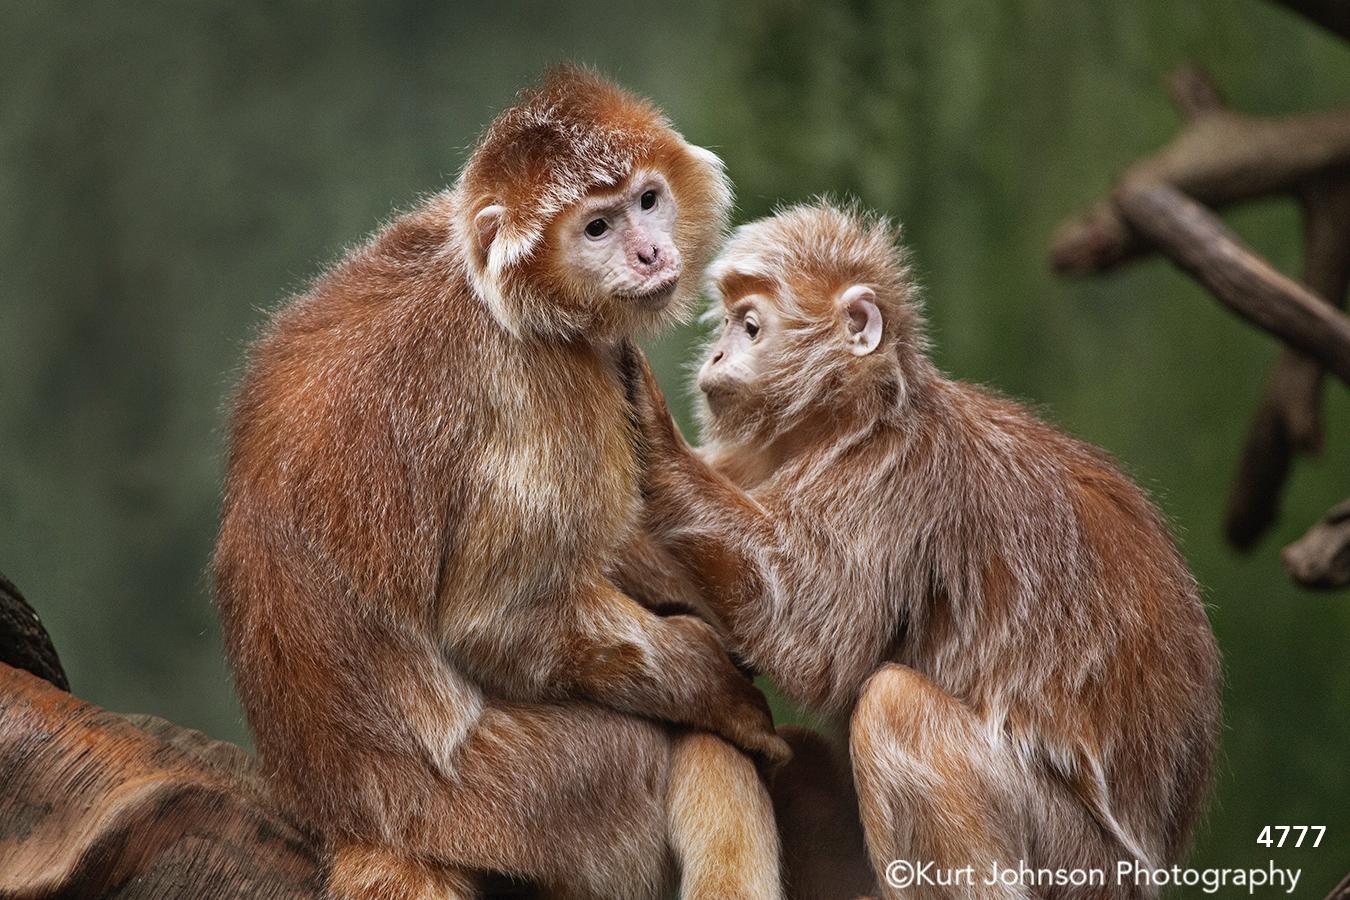 wildlife animal monkey monkeys